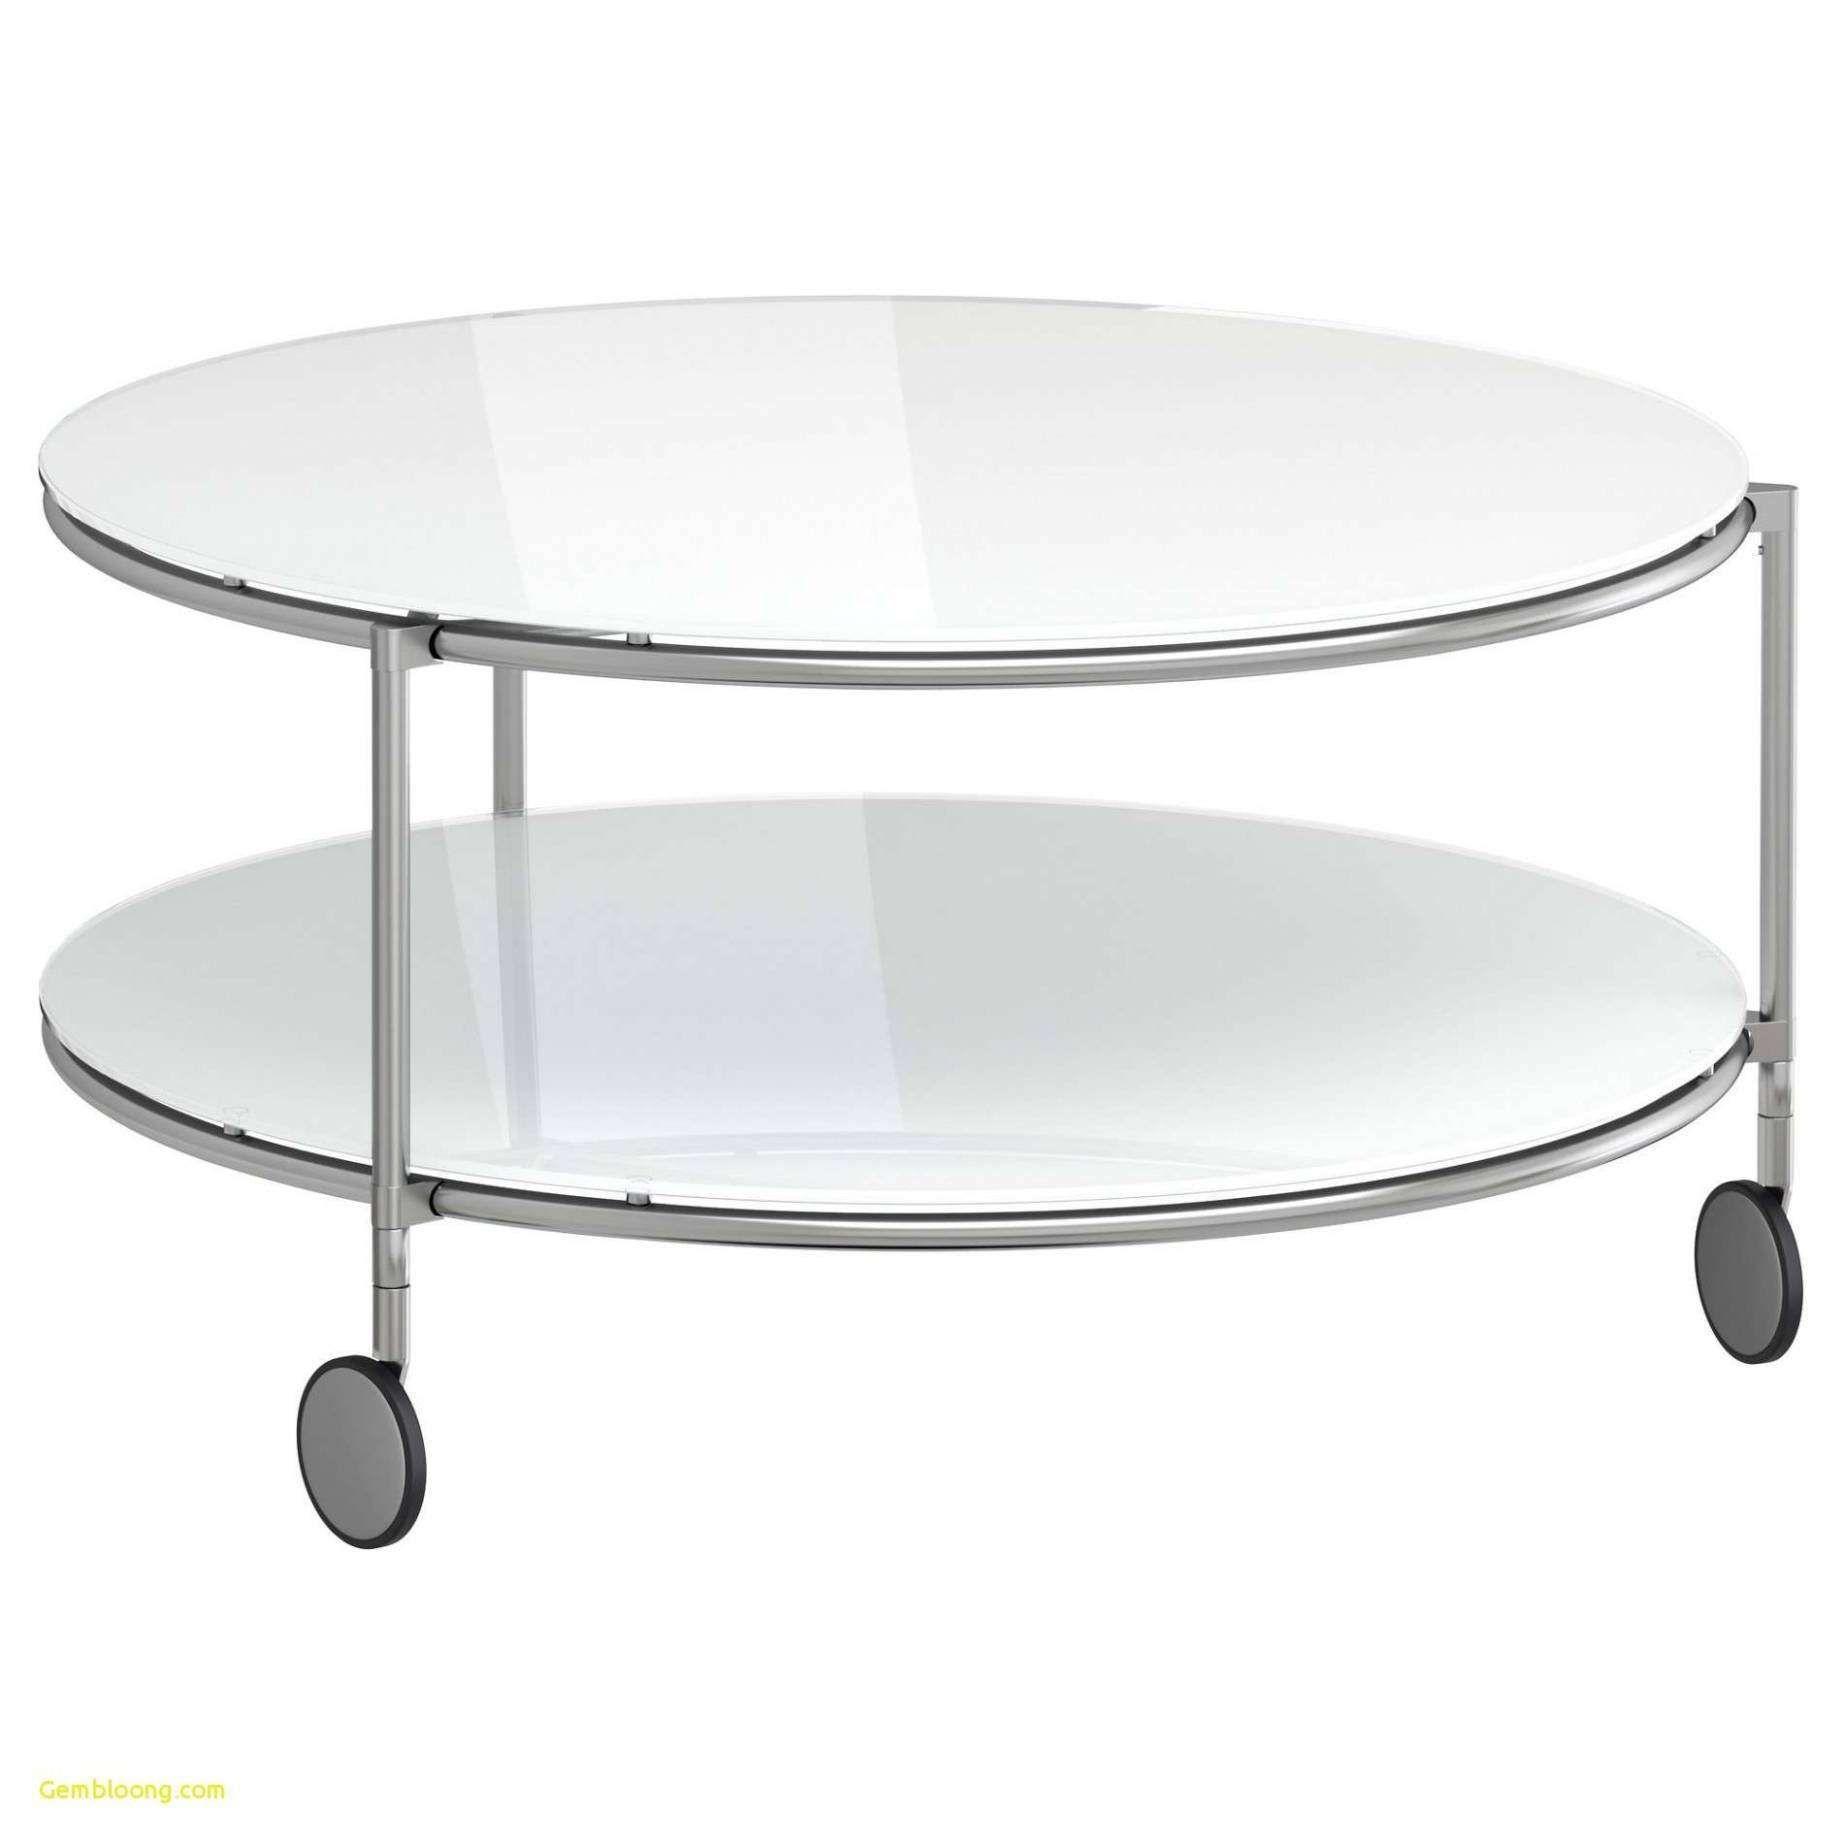 Beistelltisch Glas Rund Esstisch Rund Glas Luxus 30 Ideen Beste Mobelideen In 2020 Glass Coffee Table Decor Coffee Table With Wheels Glass Coffee Table